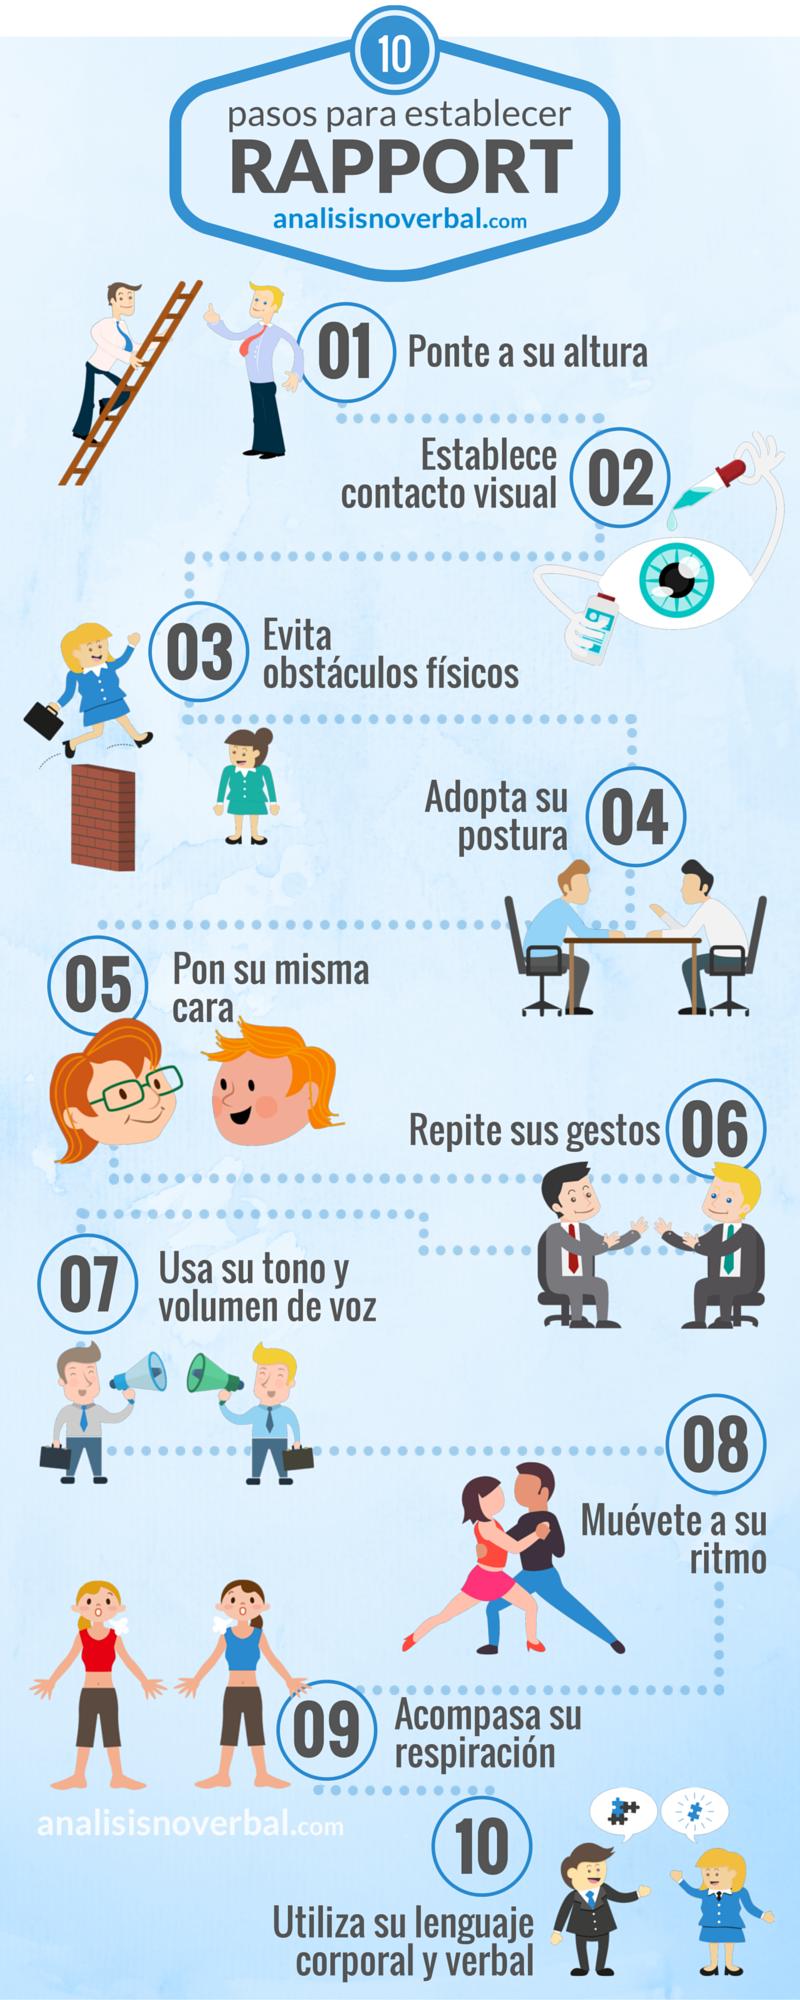 10 pasos para establecer rapport infografía